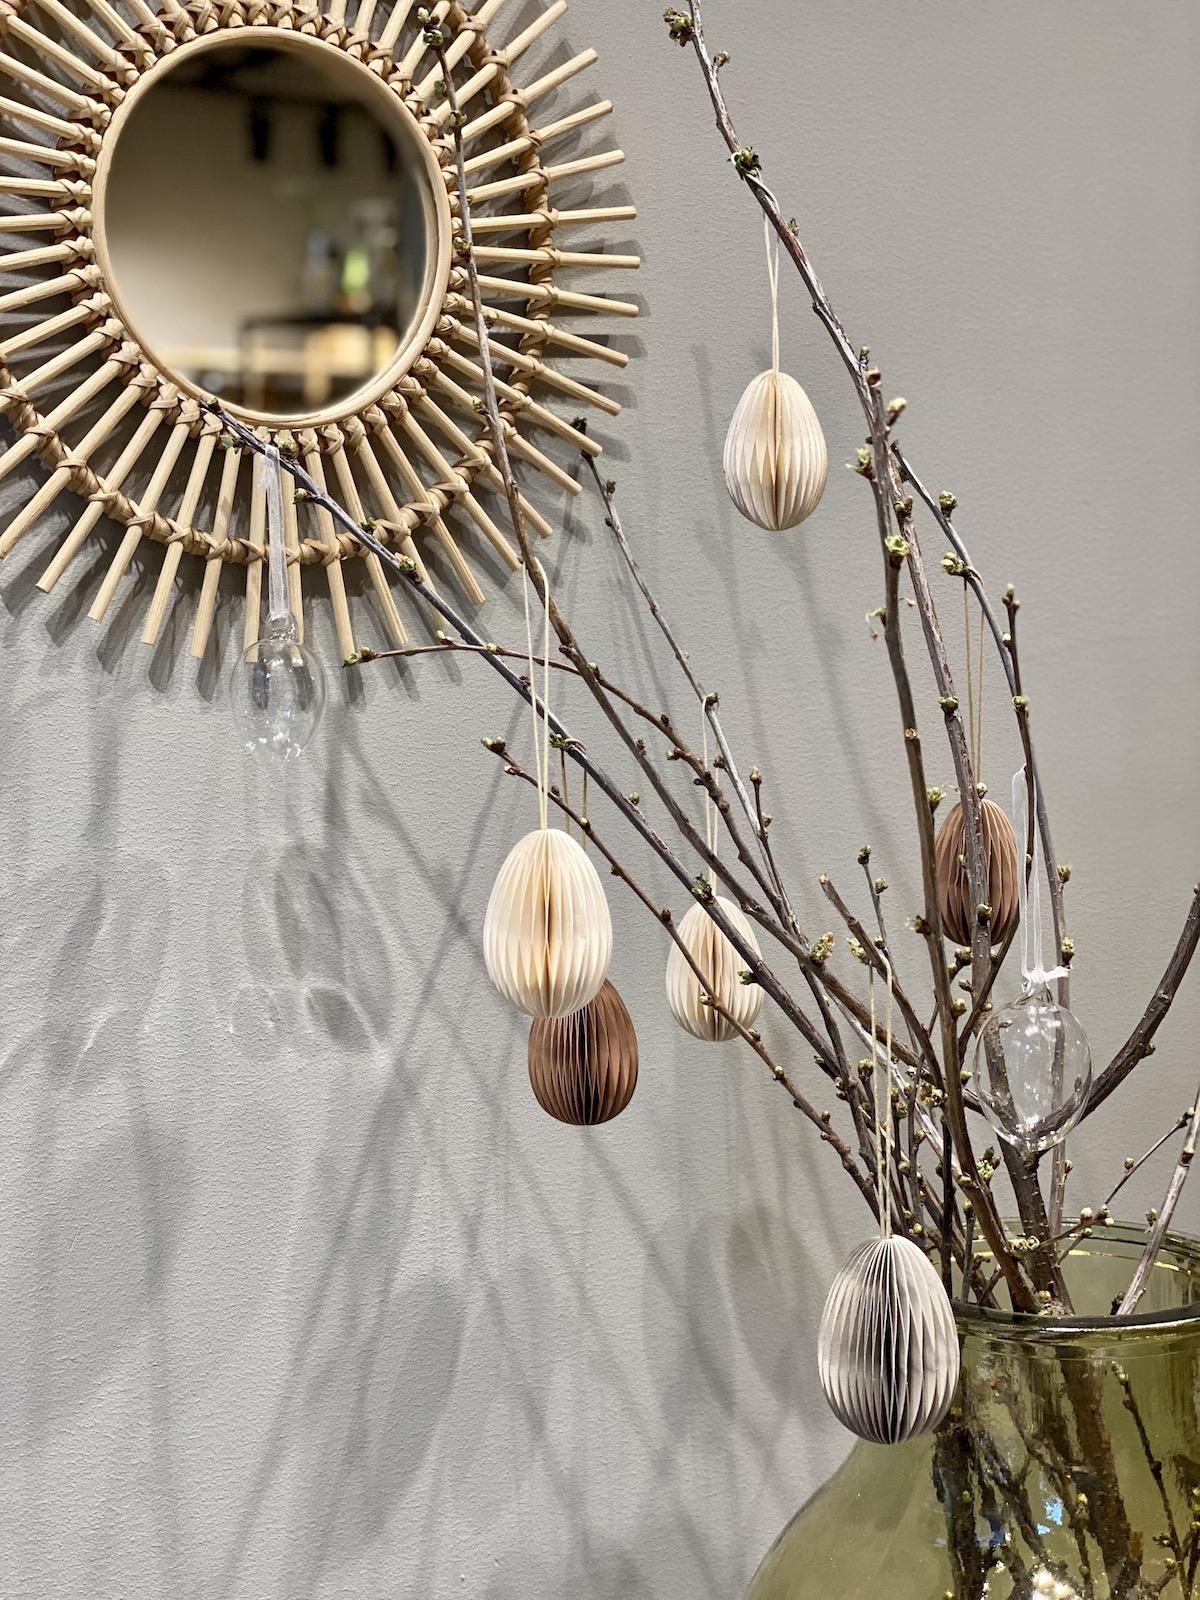 décoration minimaliste diy scandinave Pâques élégante